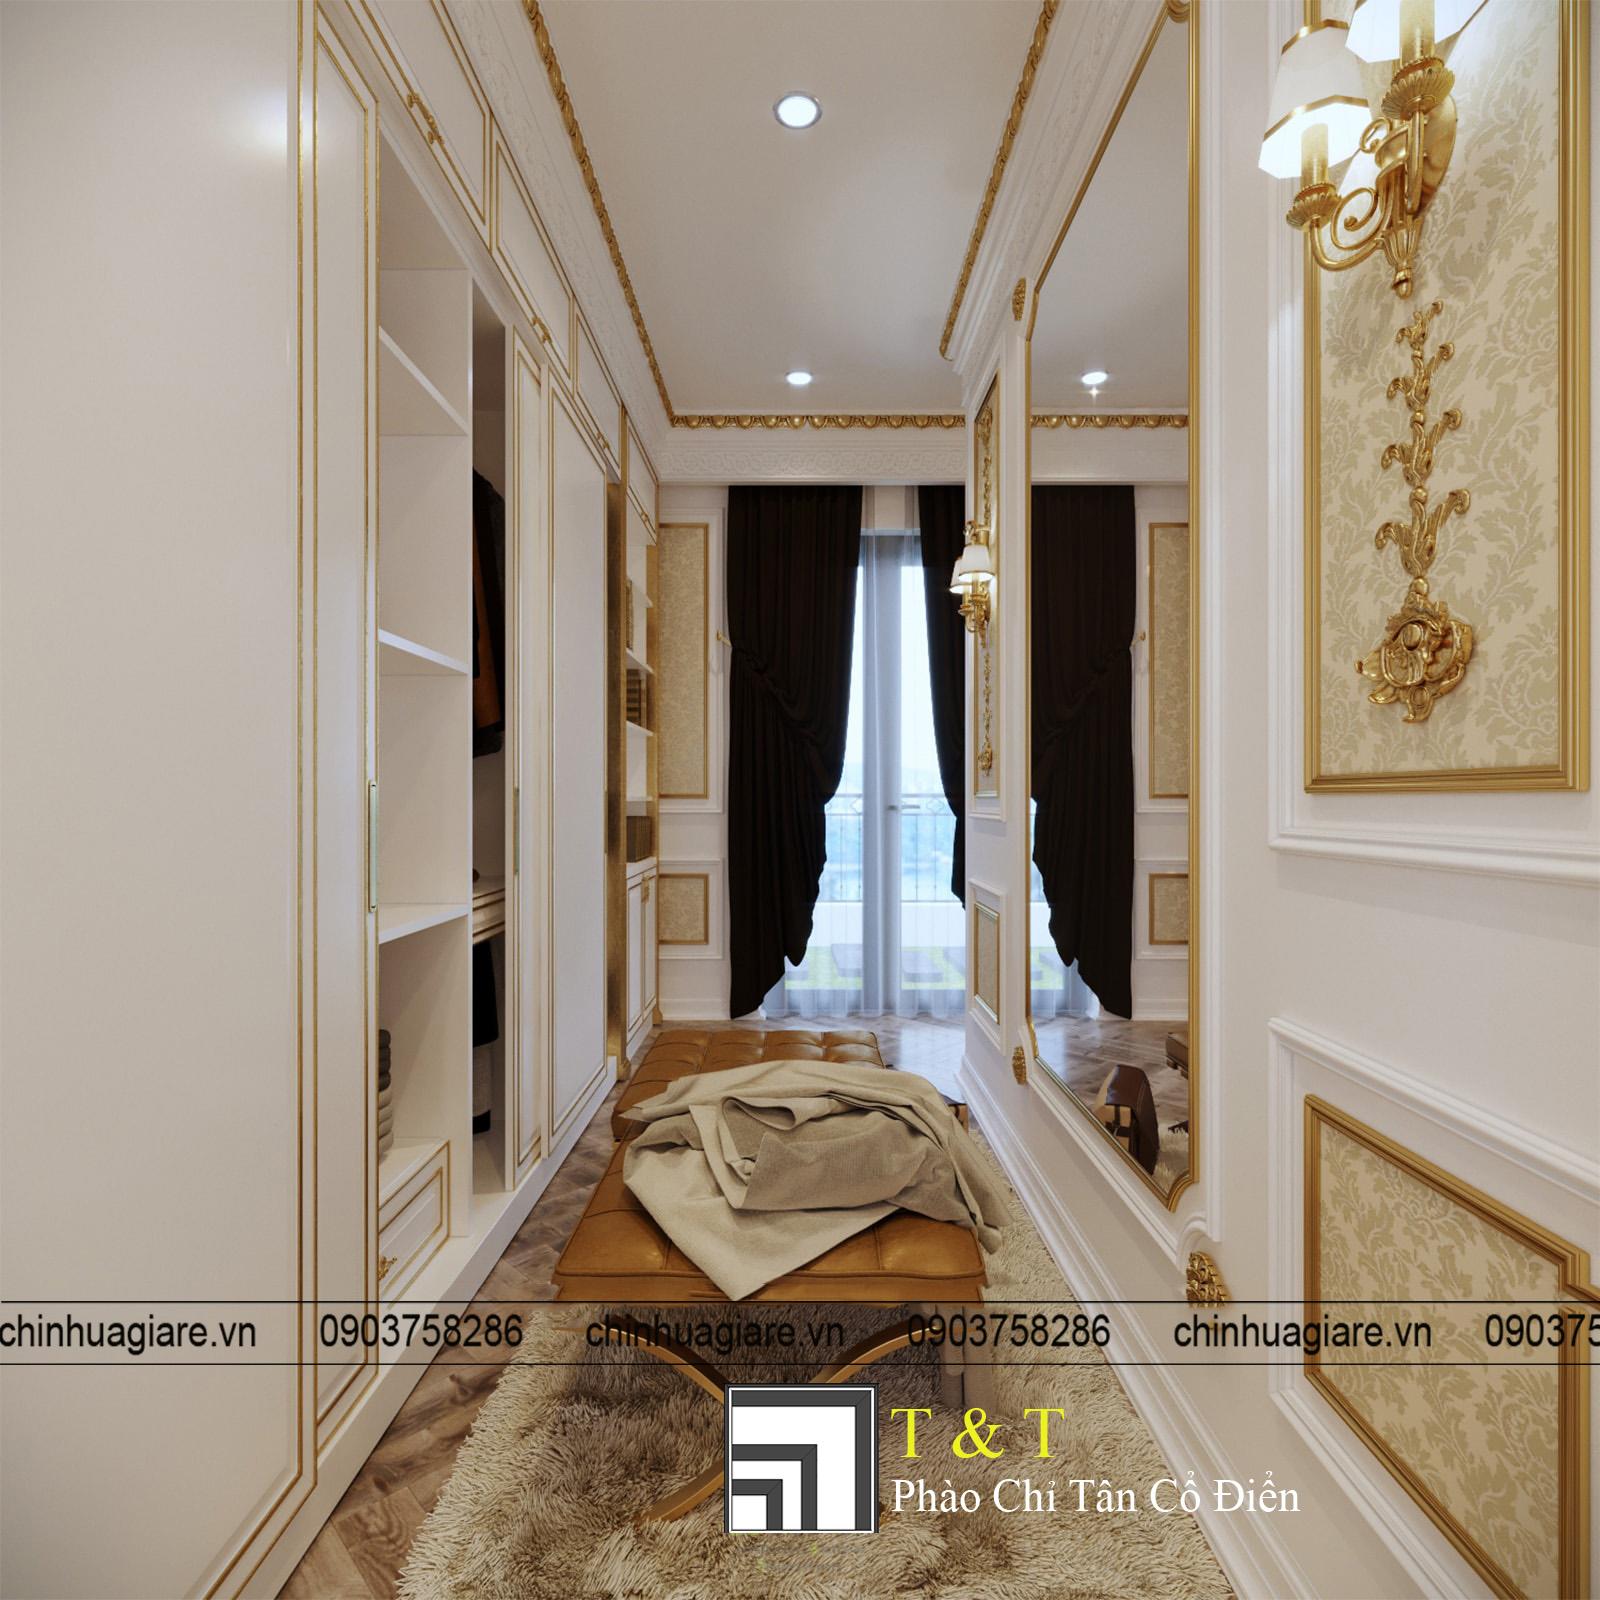 Mẫu thiết kế nội thất biệt thự tân cổ điển Pháp full